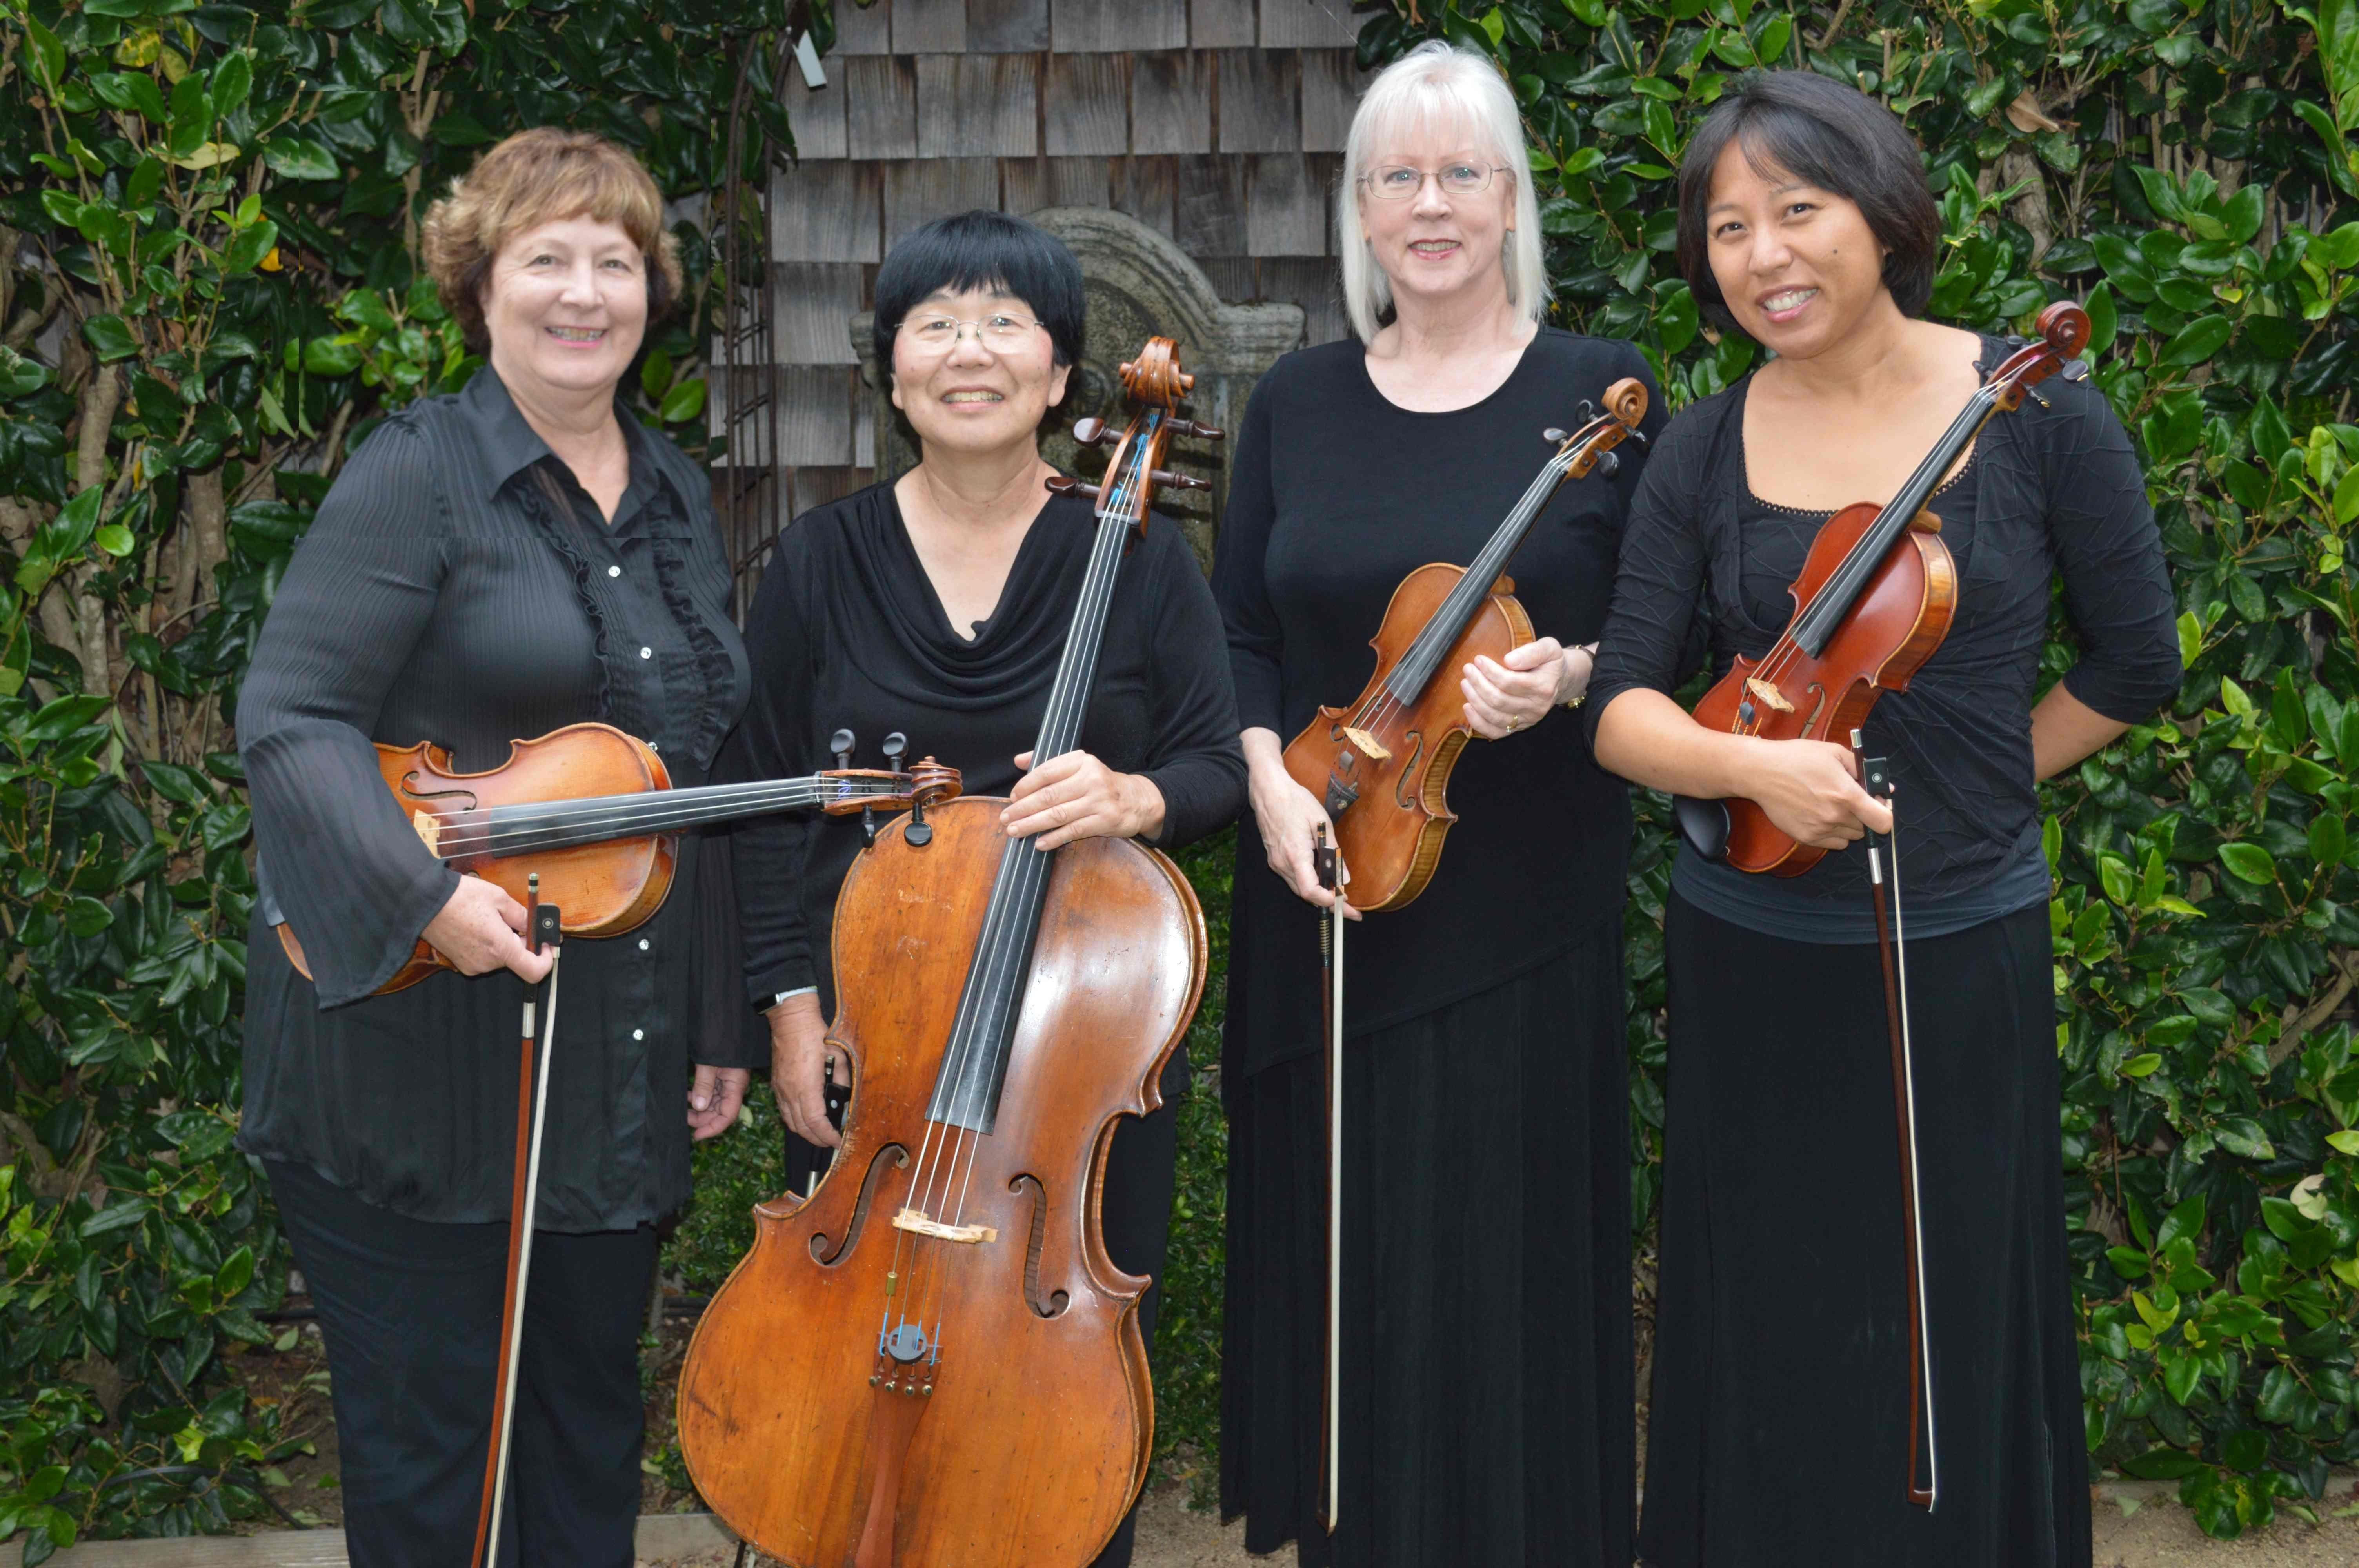 Pin on String Quartet Wedding Music